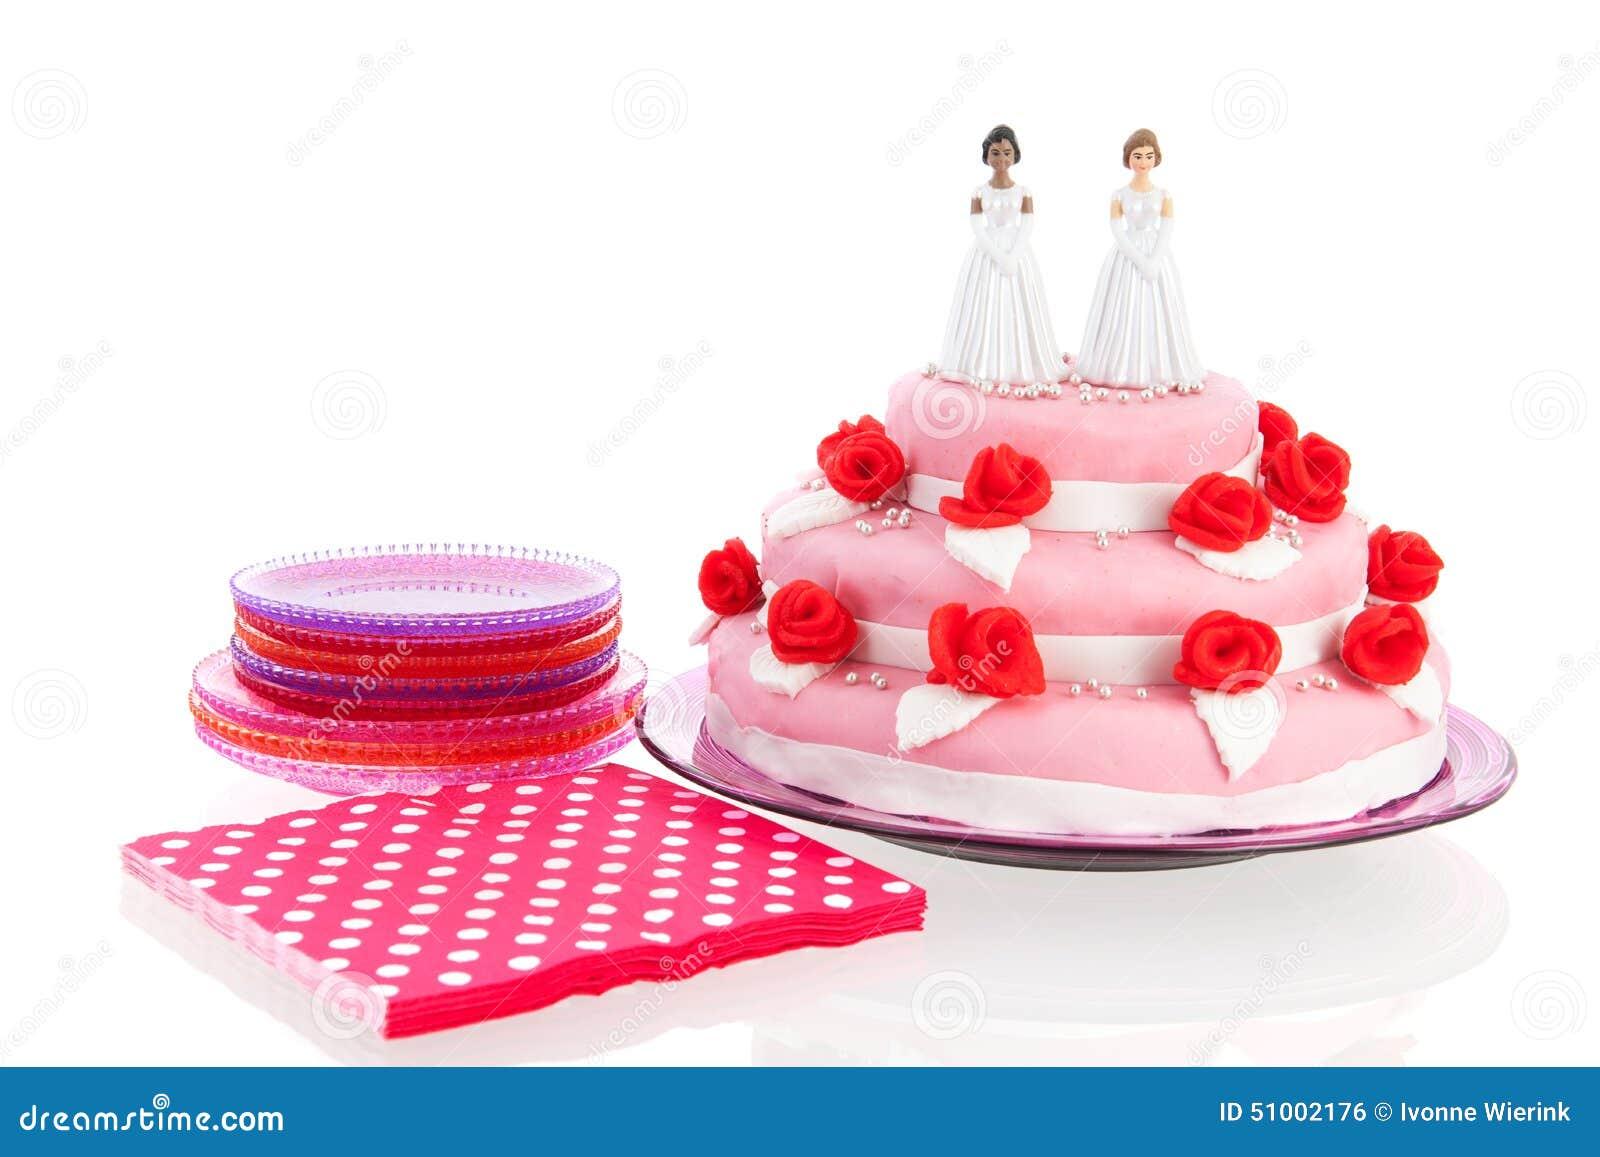 Hochzeitstorte Mit Lesbischen Paaren Stockfoto Bild Von Lesbier